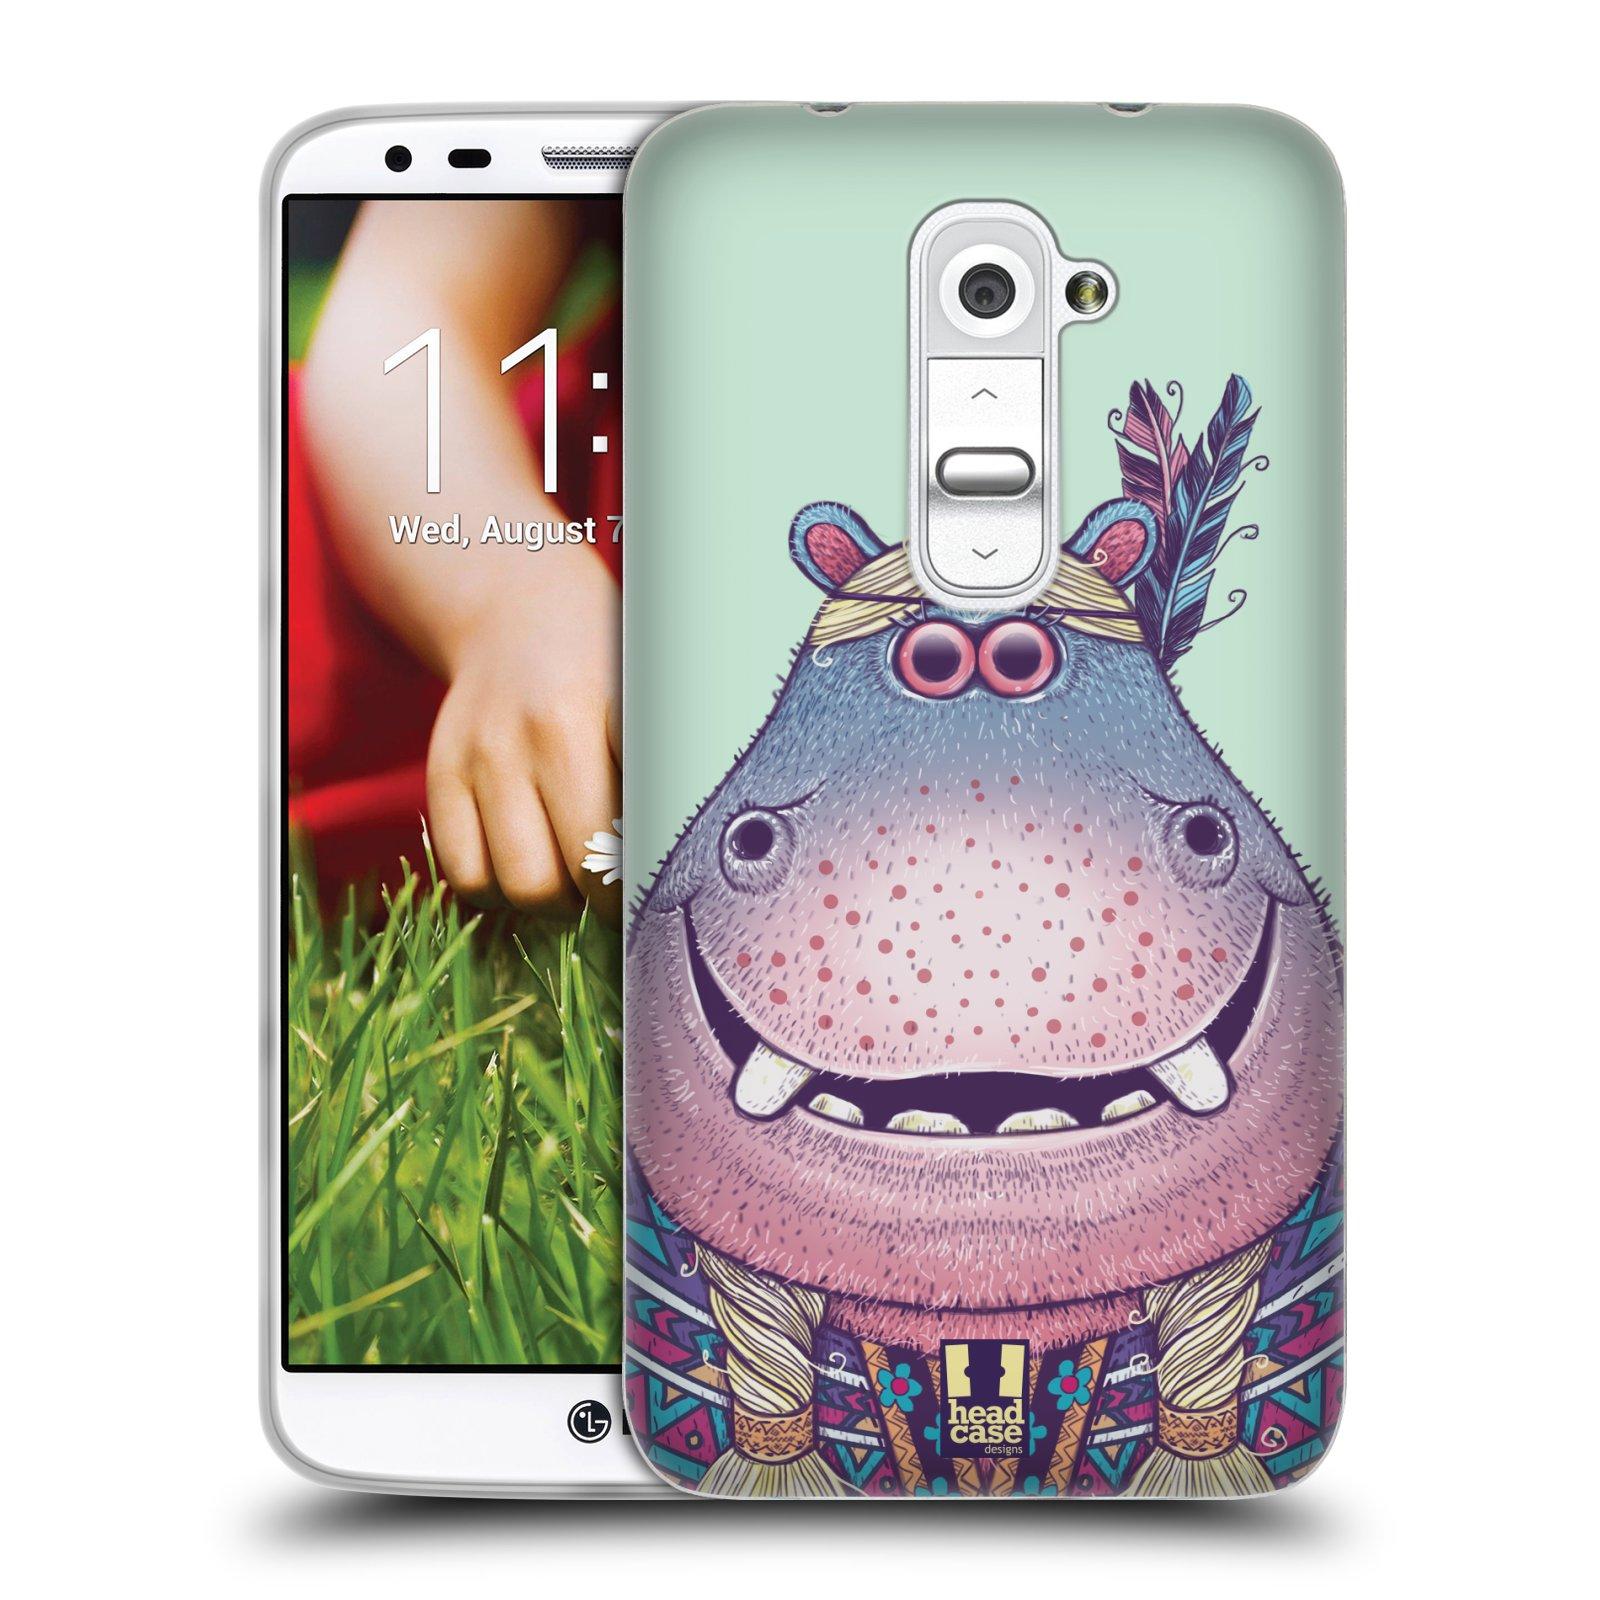 HEAD CASE silikonový obal na mobil LG G2 vzor Kreslená zvířátka hroch